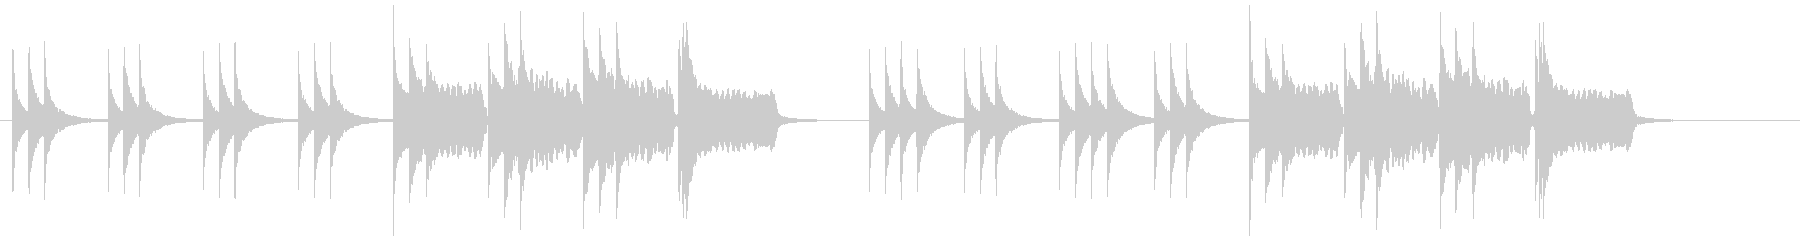 「草原の夕焼け」のイメージの未再生の波形